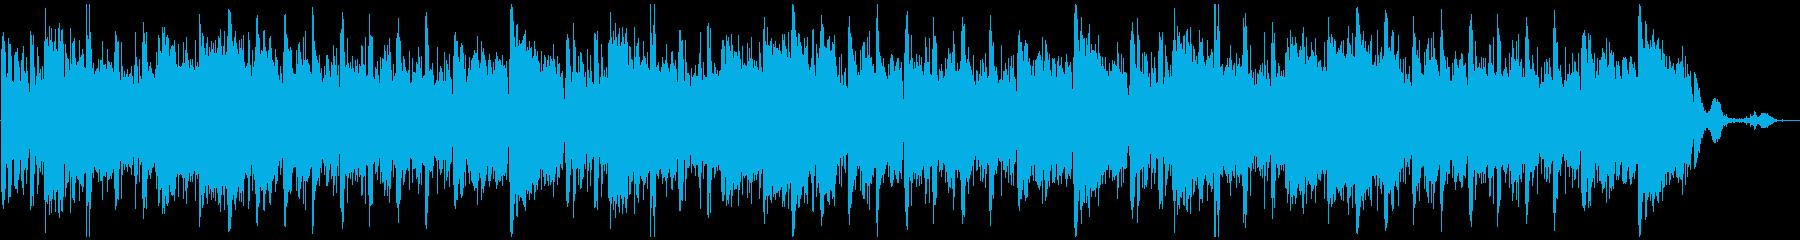 ヨガや瞑想・海の波音・朝日をイメージ の再生済みの波形